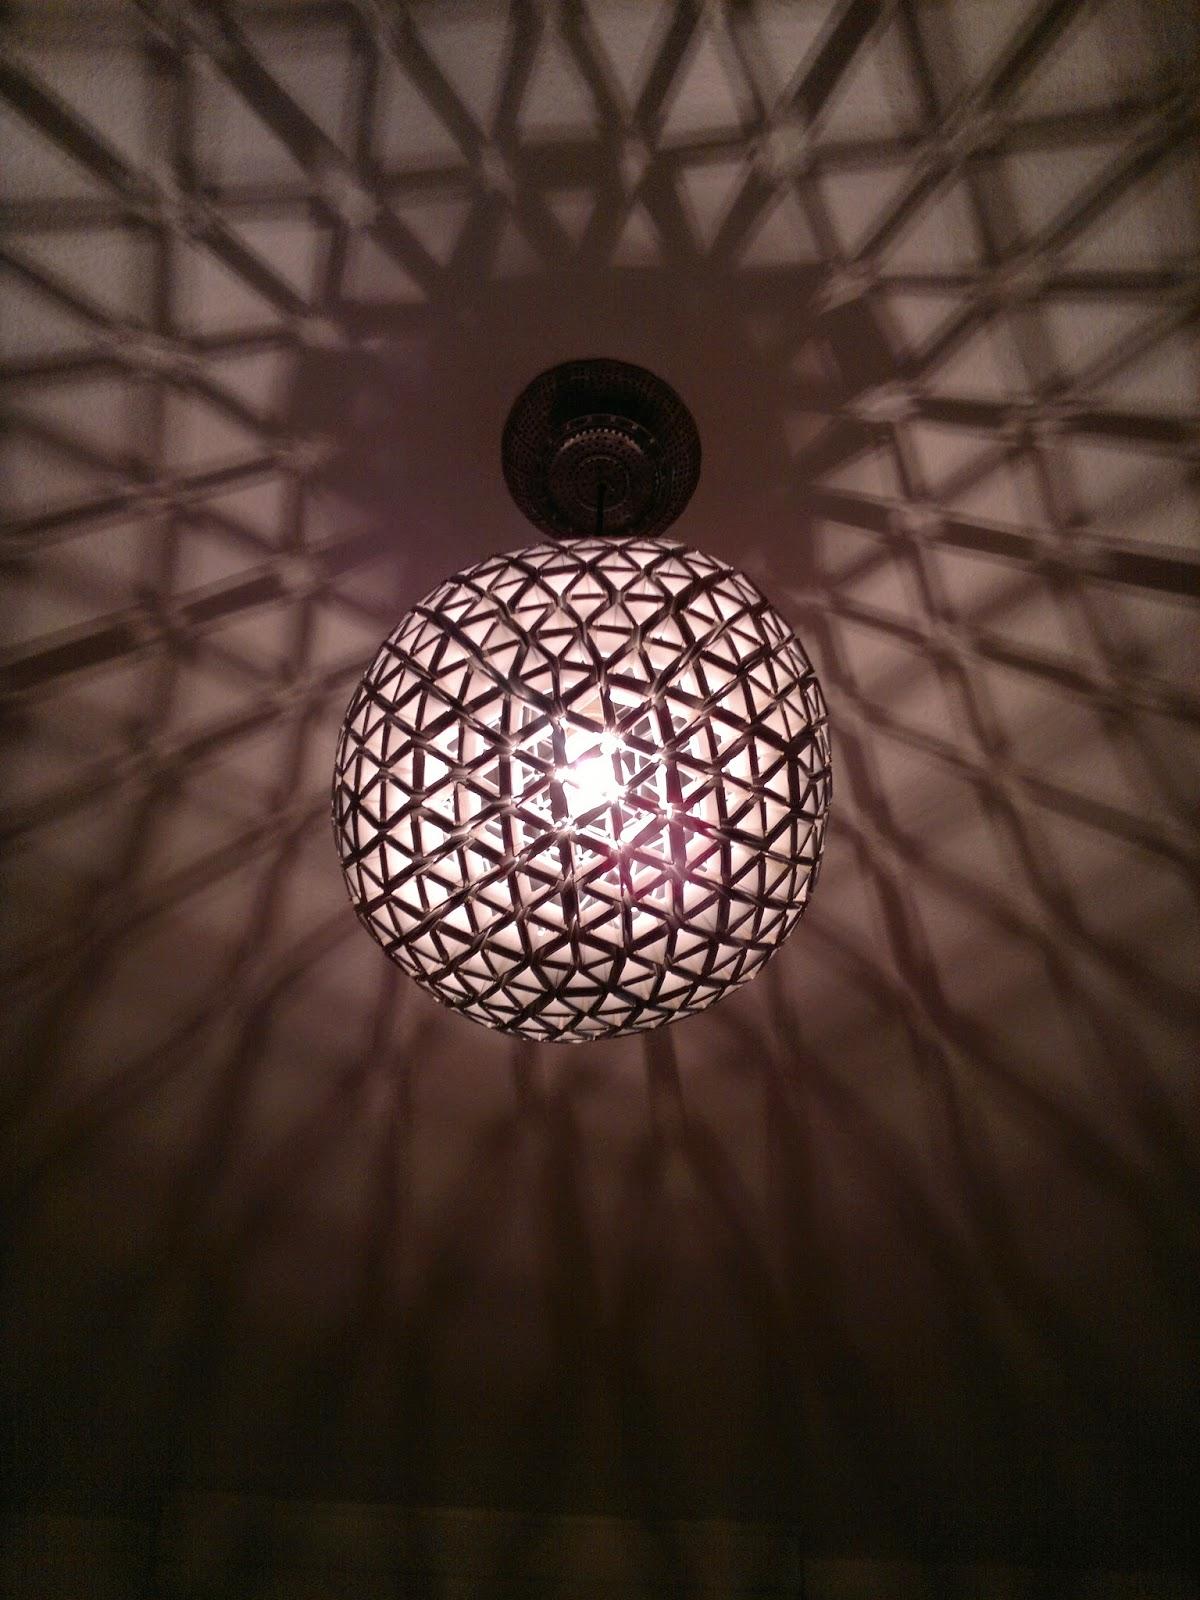 hack o mat glowing sphere die tetra pak lampe. Black Bedroom Furniture Sets. Home Design Ideas